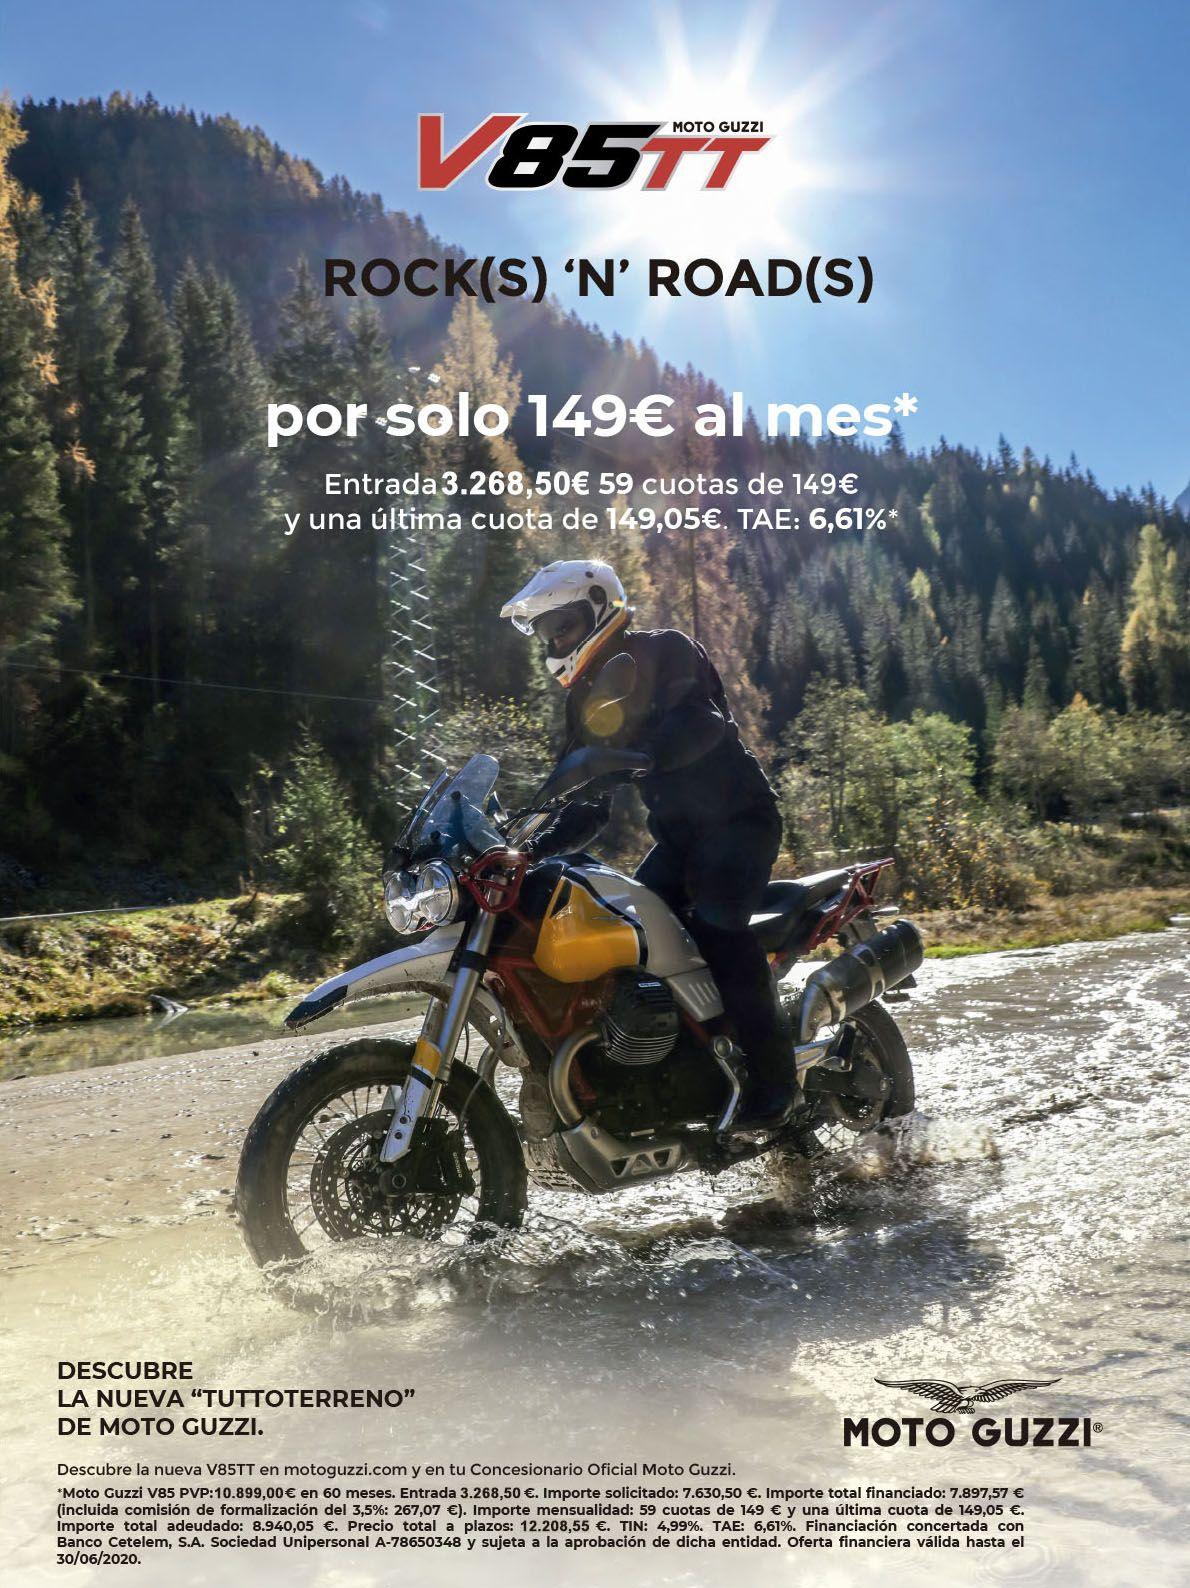 La Moto Guzzi V85 TT puede ser tuya ahora por solo 149 €/mes